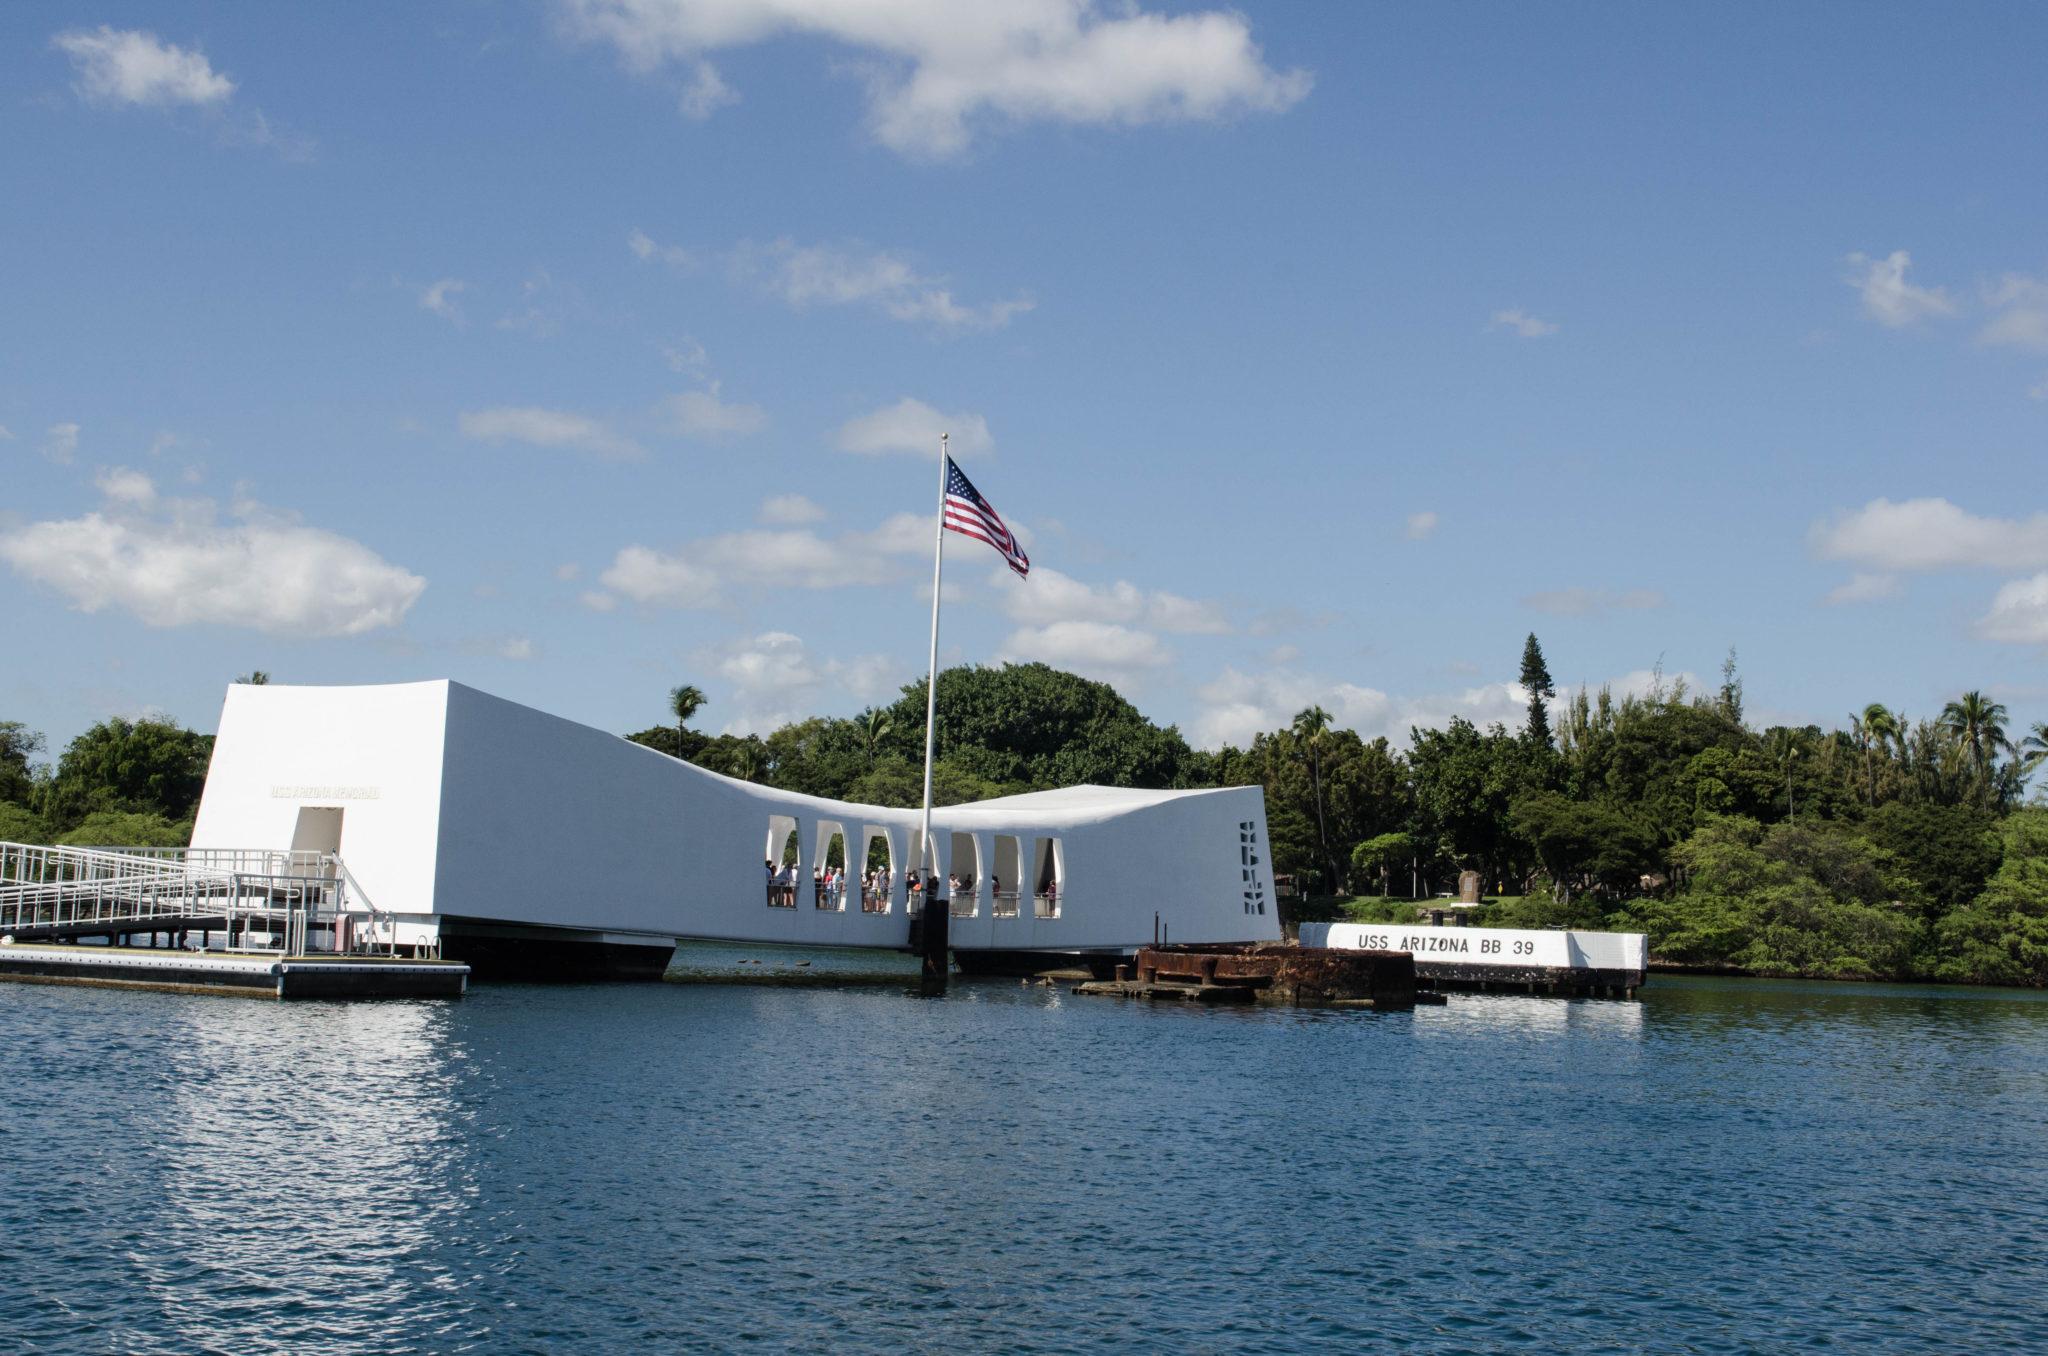 Sehenswürdigkeiten Hawaii: Pearl Harbour auf O'ahu sollte definitiv besucht werden